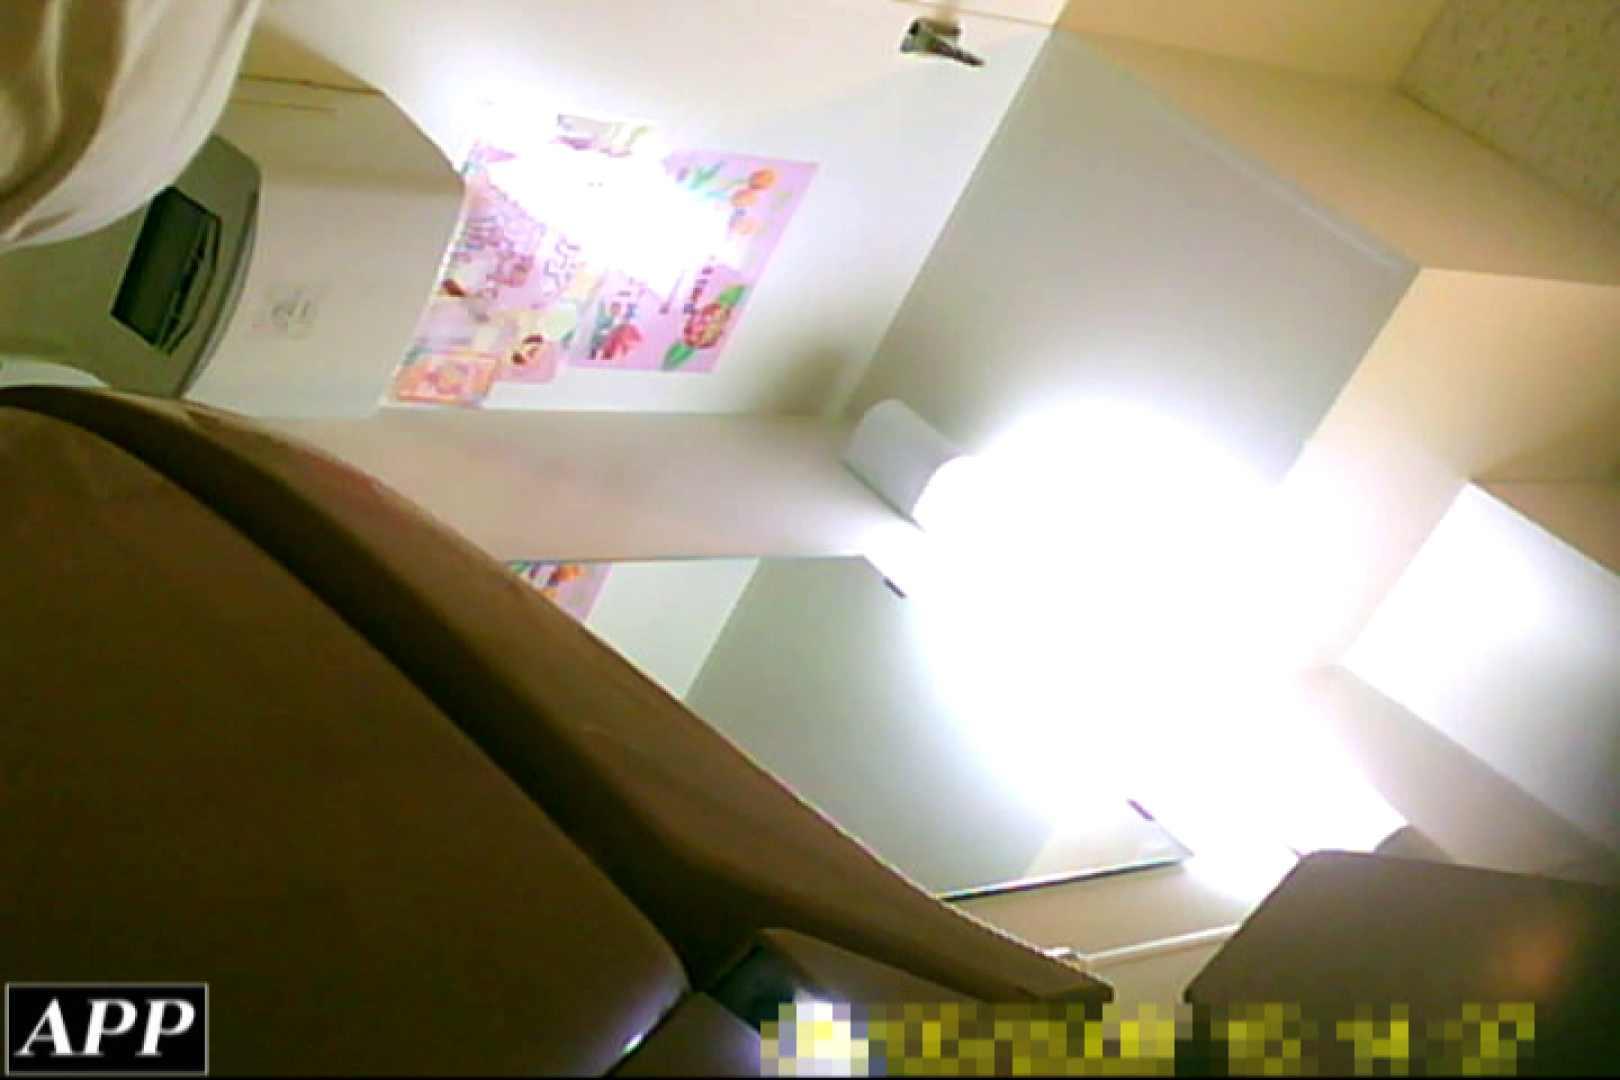 3視点洗面所 vol.115 盗撮動画 オマンコ無修正動画無料 11枚 7